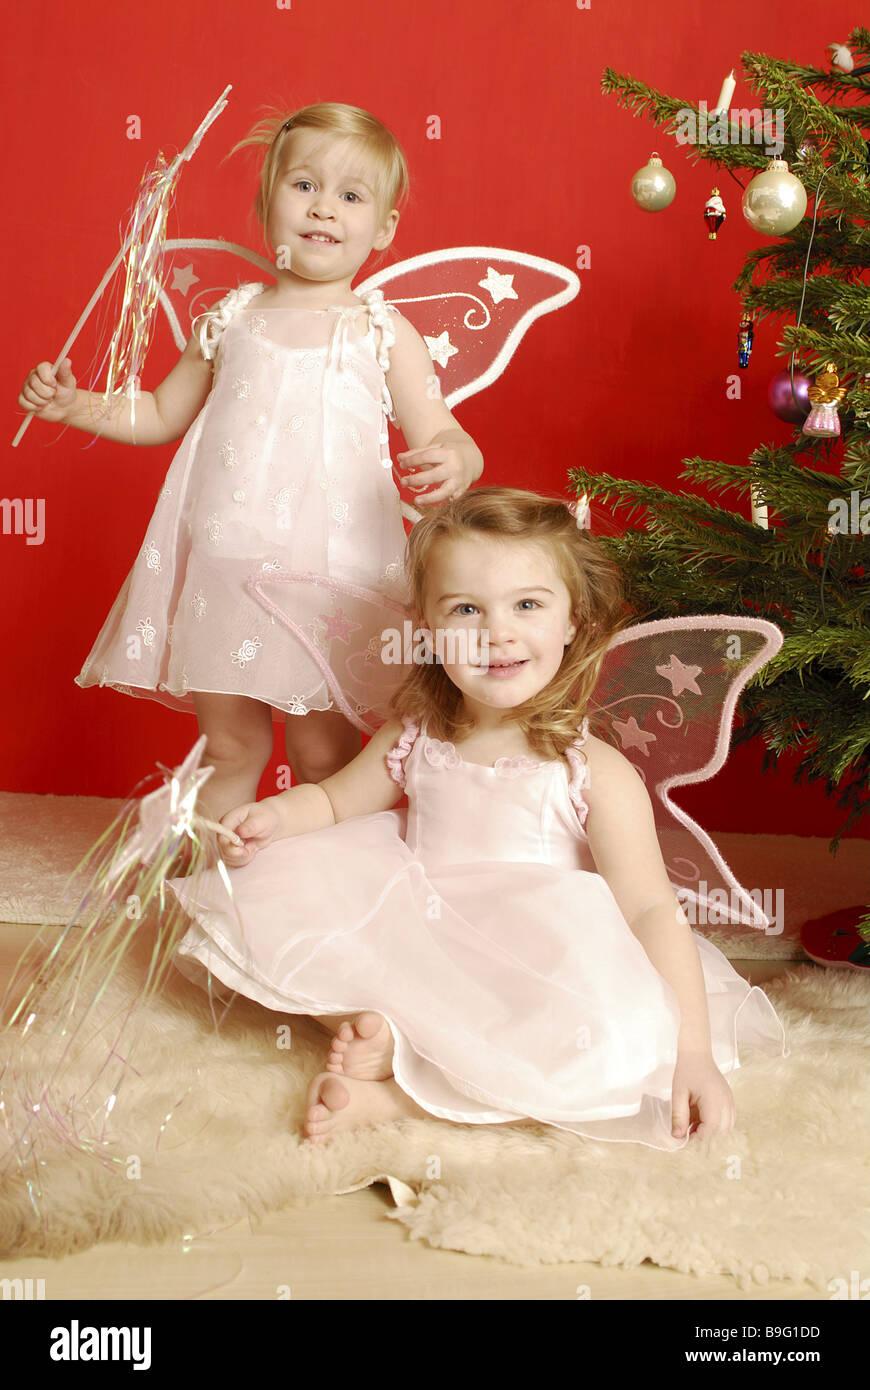 Weihnachten Mädchen zwei Verkleidung Engel Stern-Stab wings fröhlich ...